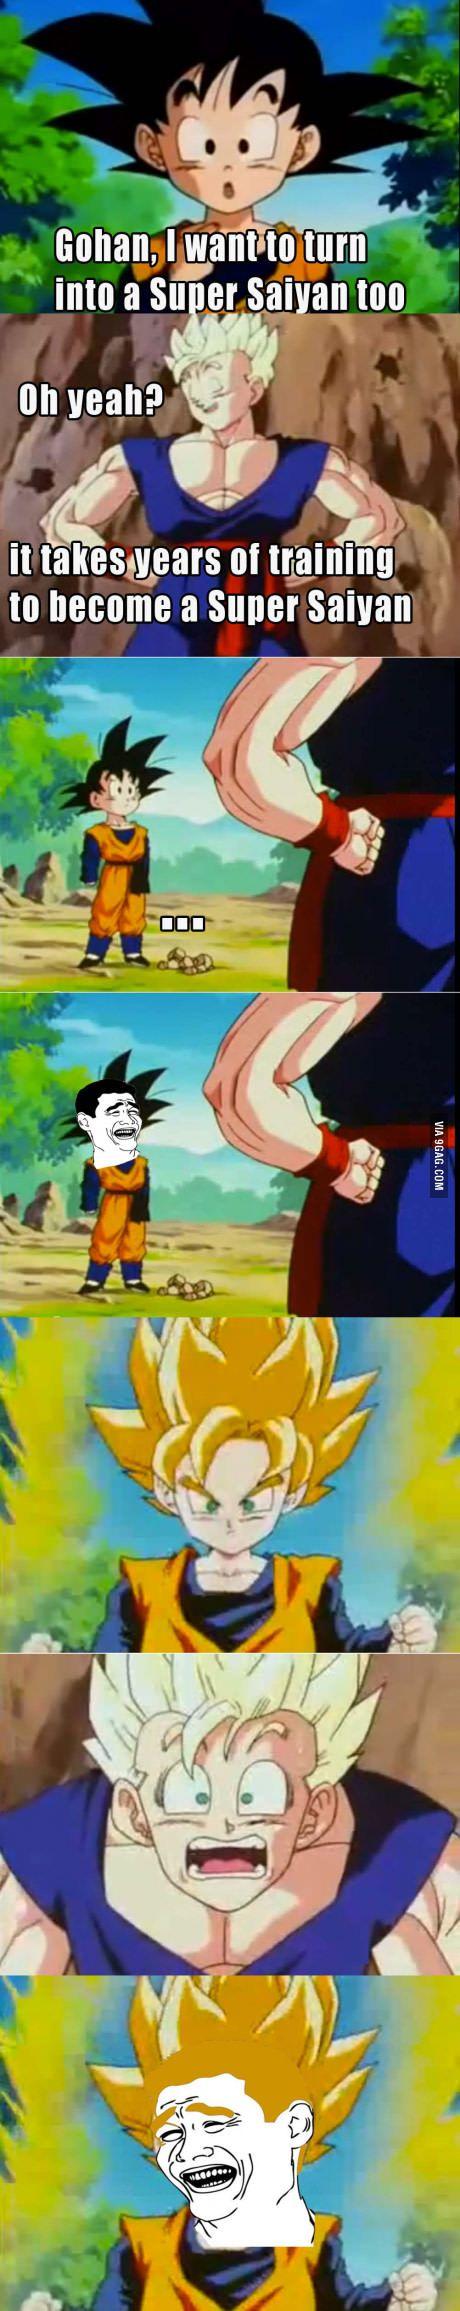 I want to be a Super Saiyan